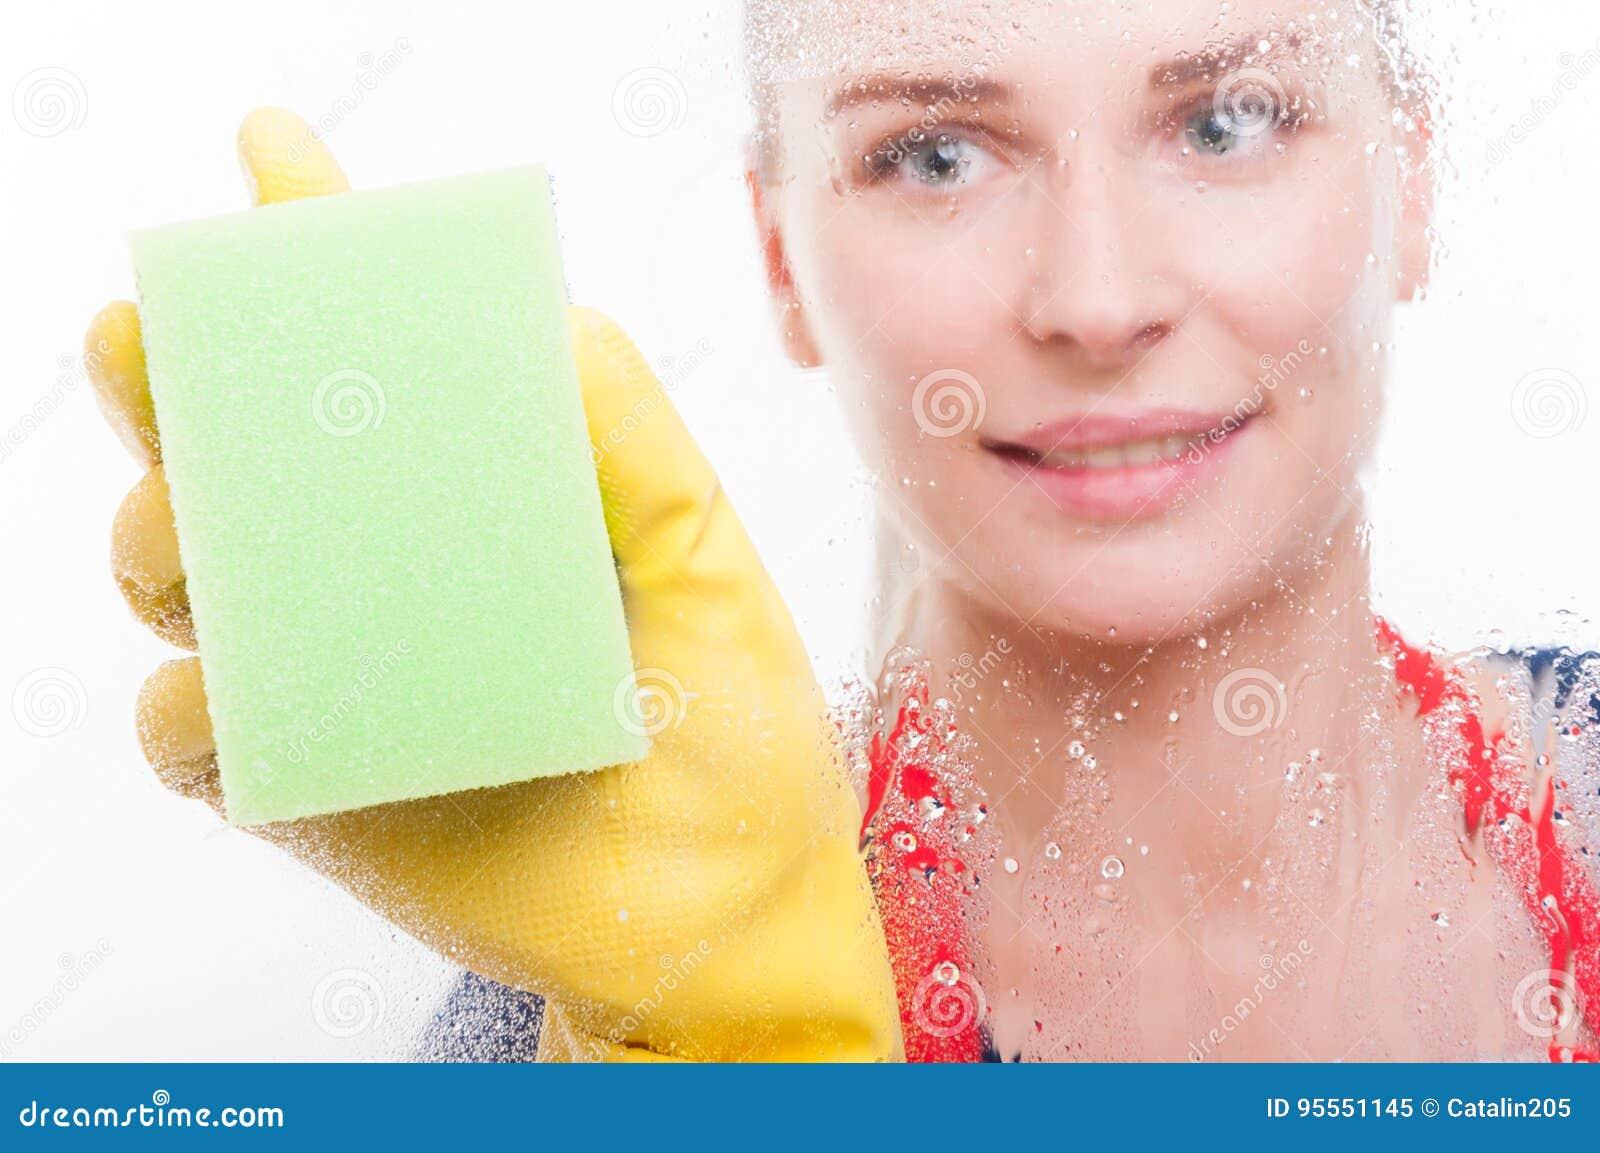 抹玻璃窗的妇女